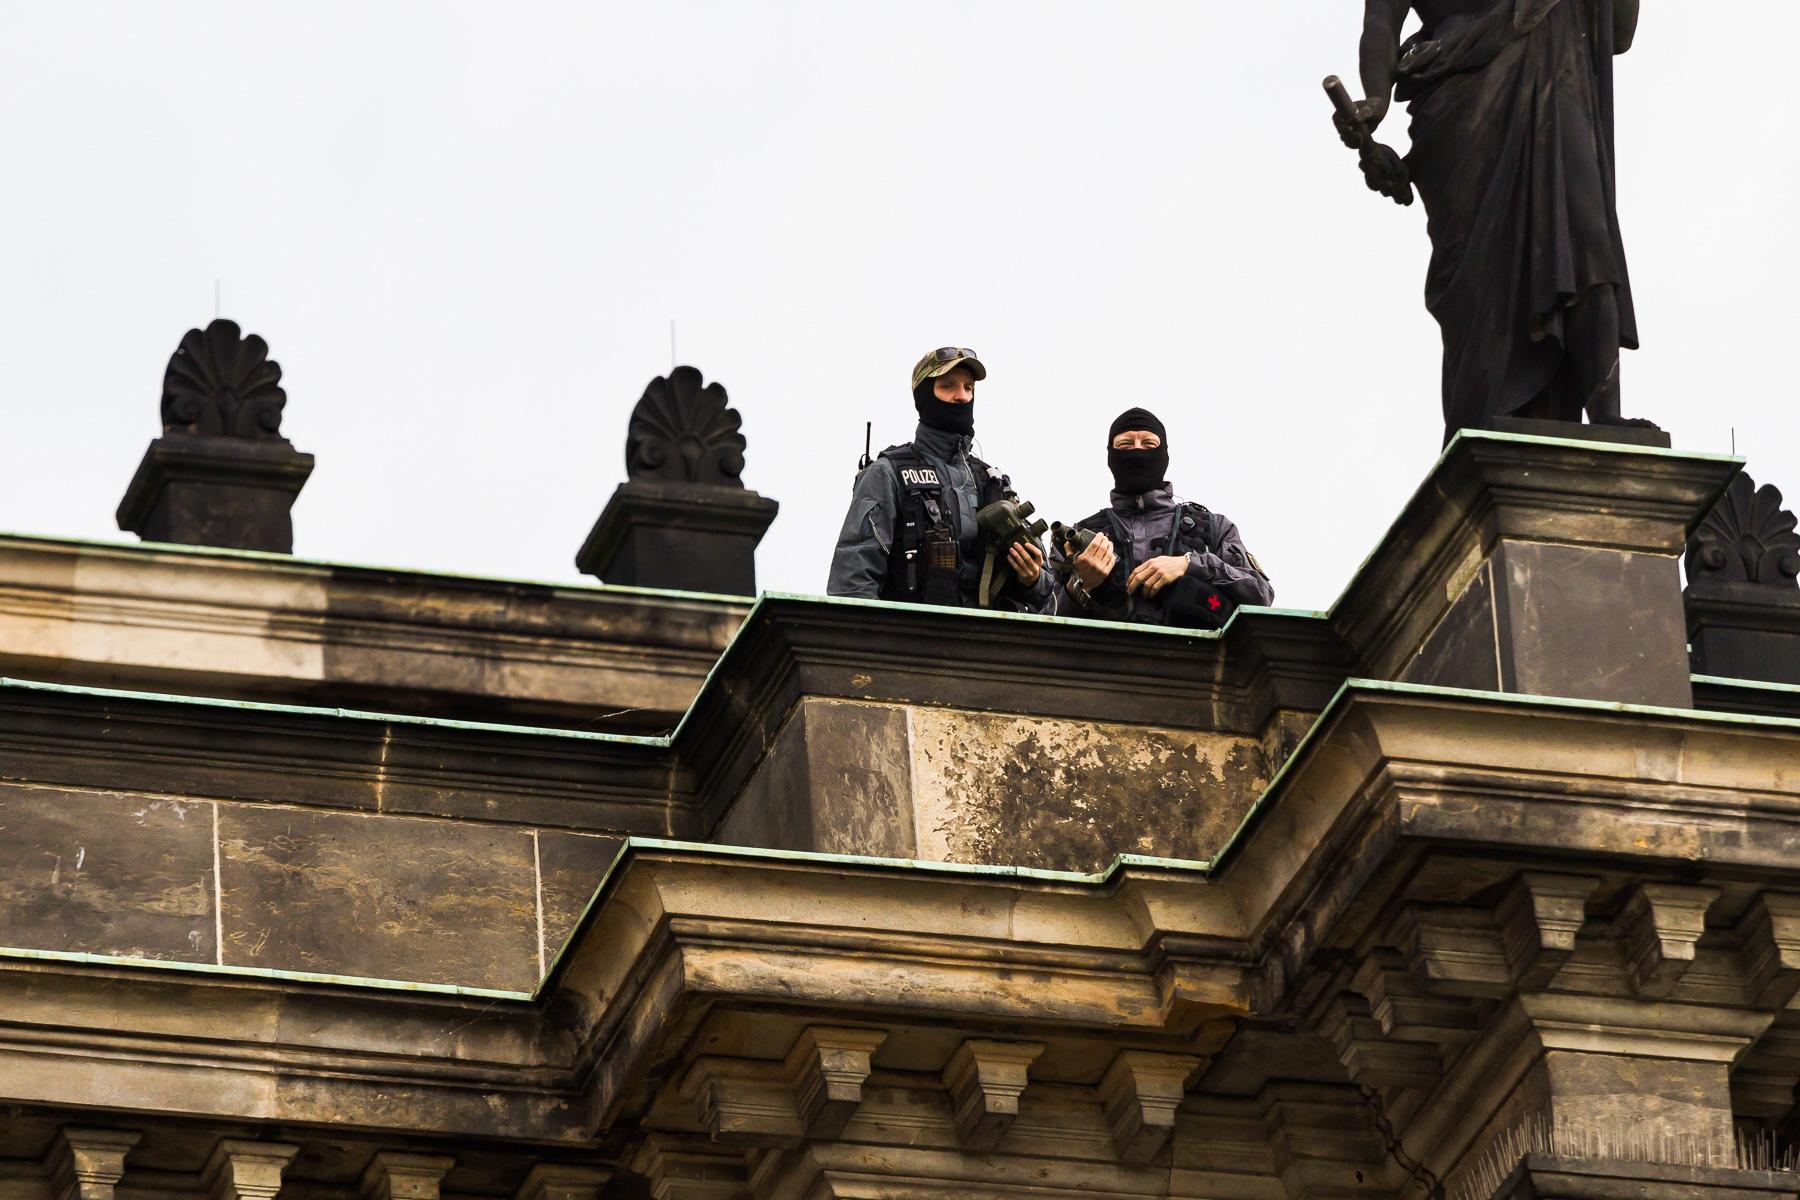 Das SEK sichert die Bilderberg Konferenz ab.